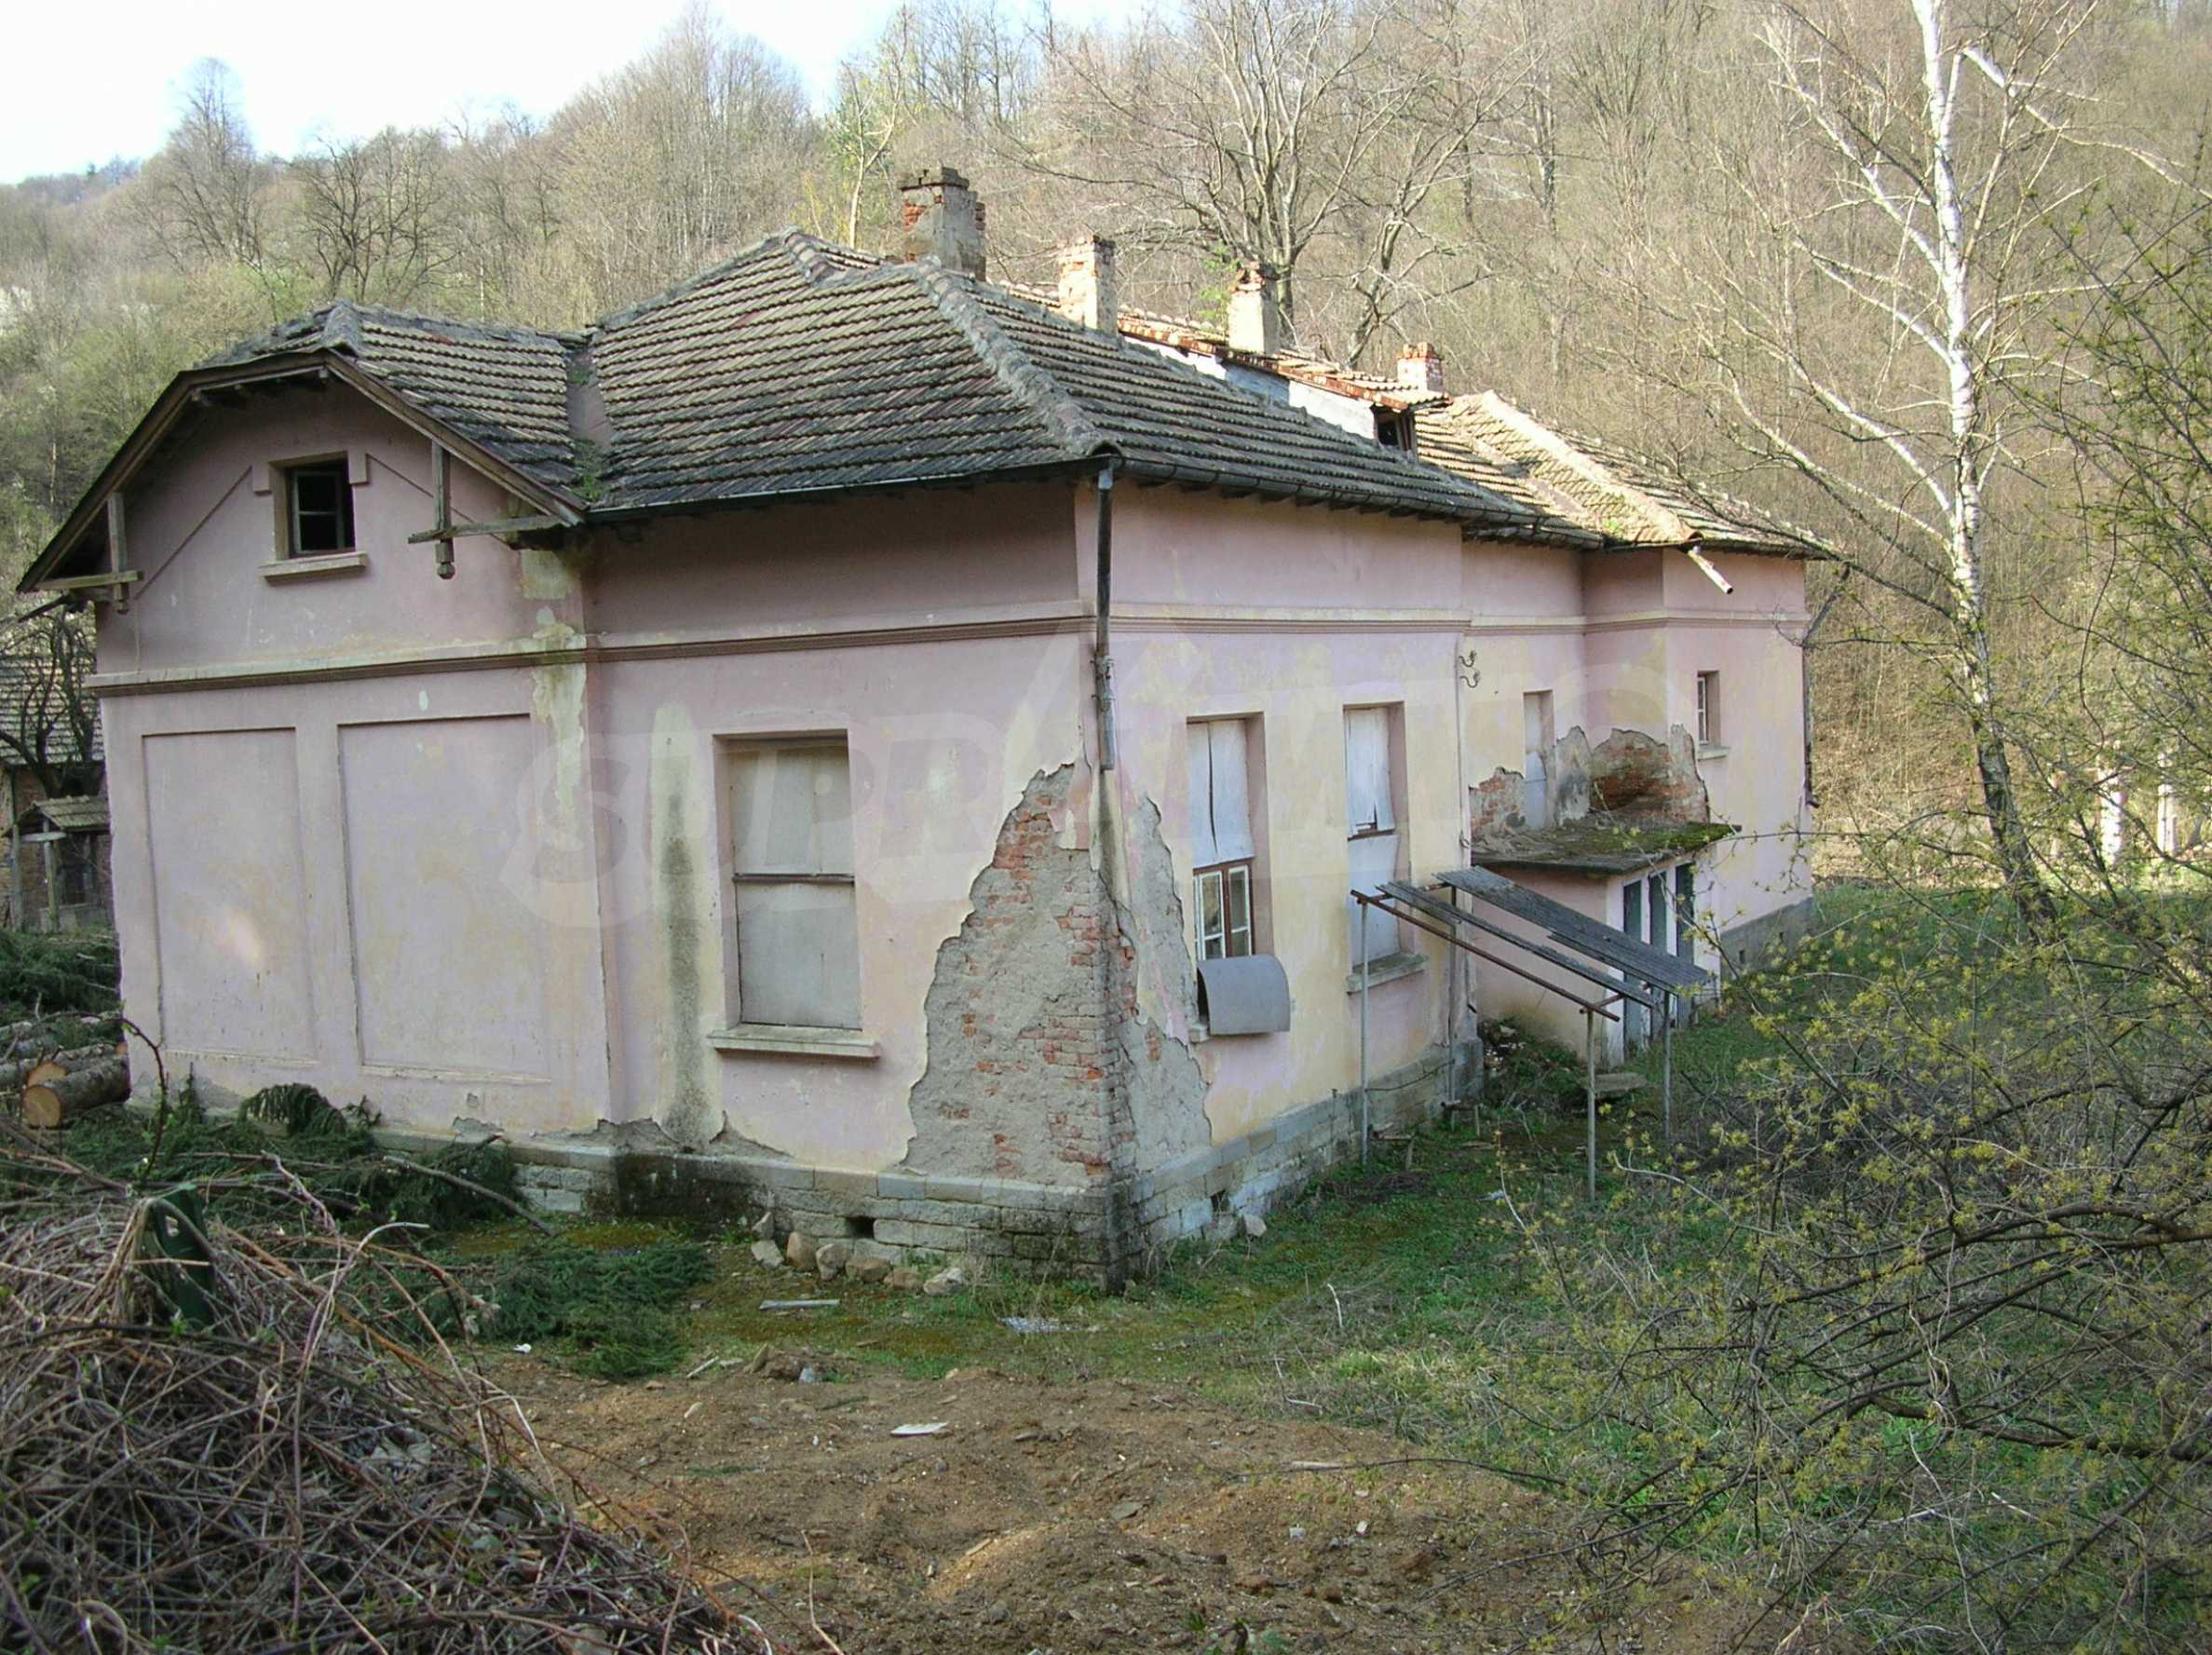 Massives Gebäude in einem Dorf in der Nähe von Trjawna 2